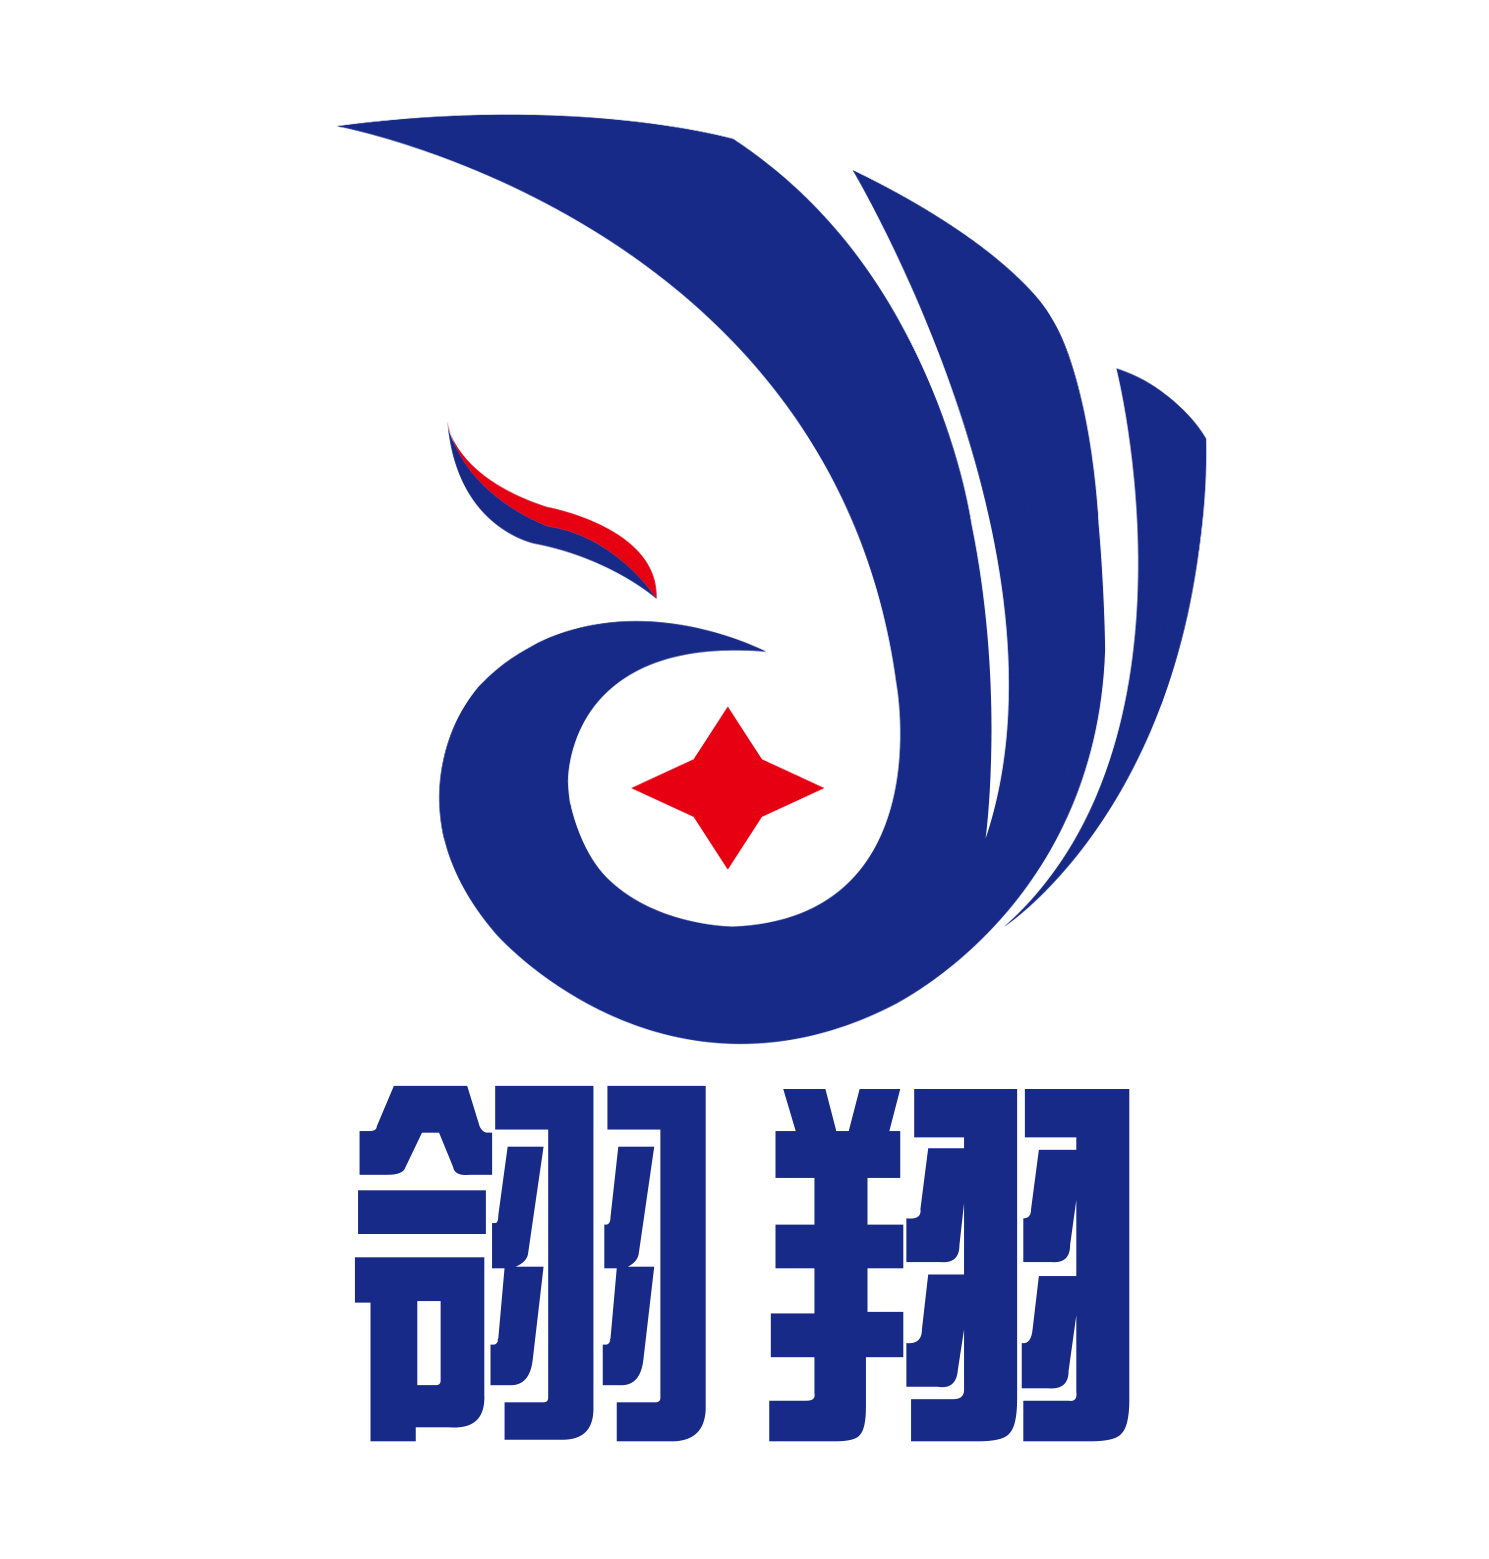 东莞消防水泵控制柜-深圳翎翔设备 消防控制柜生产厂家 CCCF认证资质齐全